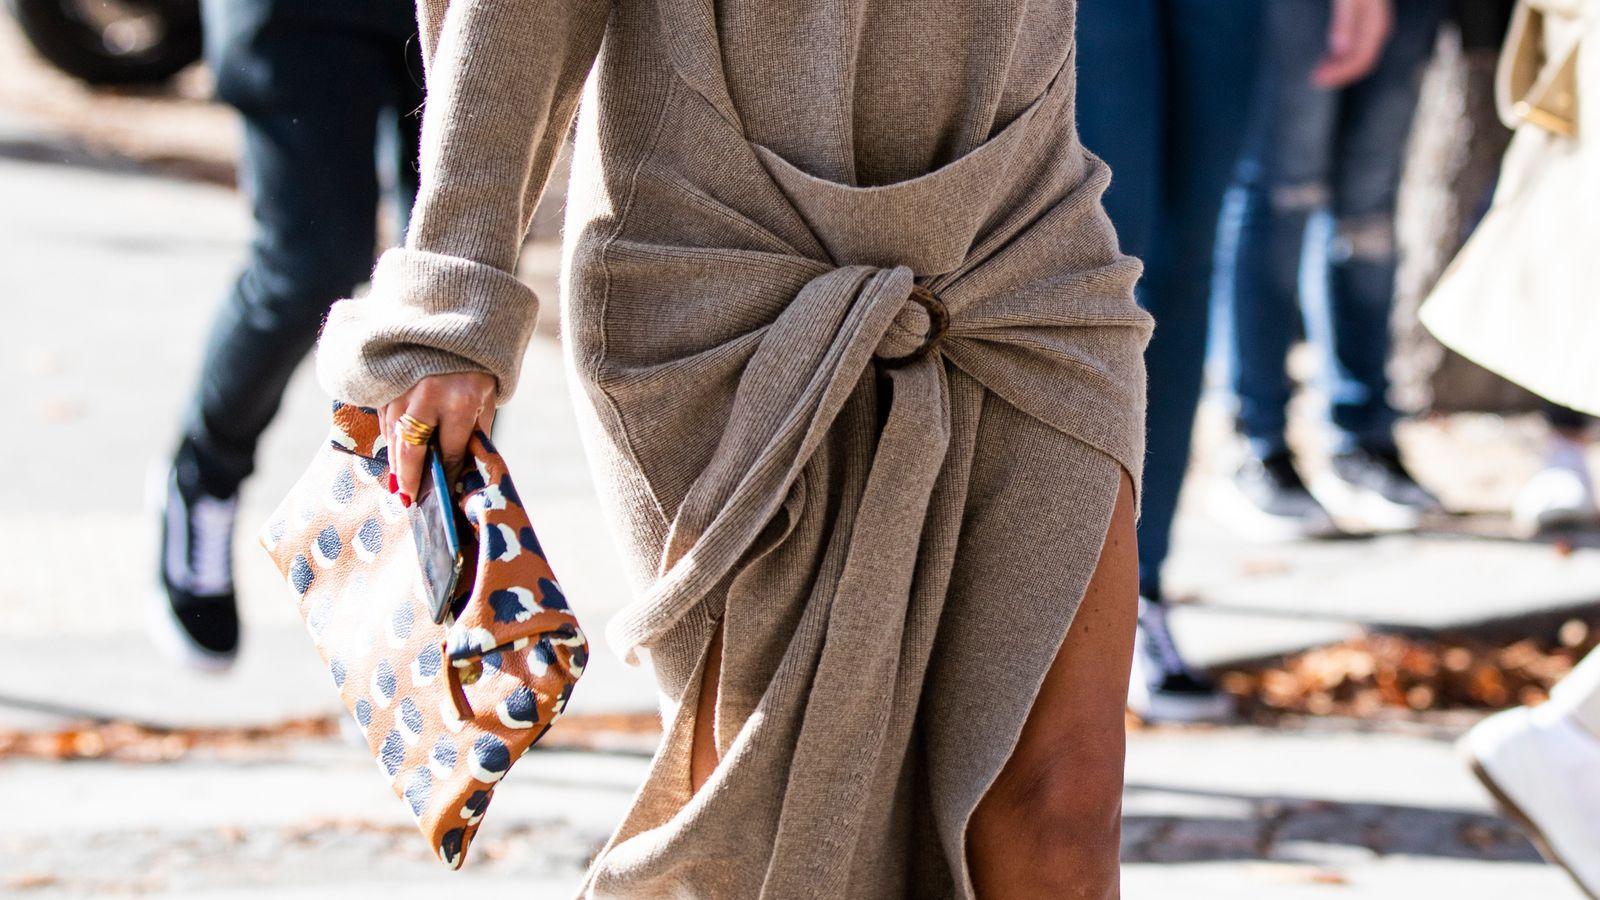 El jersey de Zara que se transforma en vestido hace cintura fina